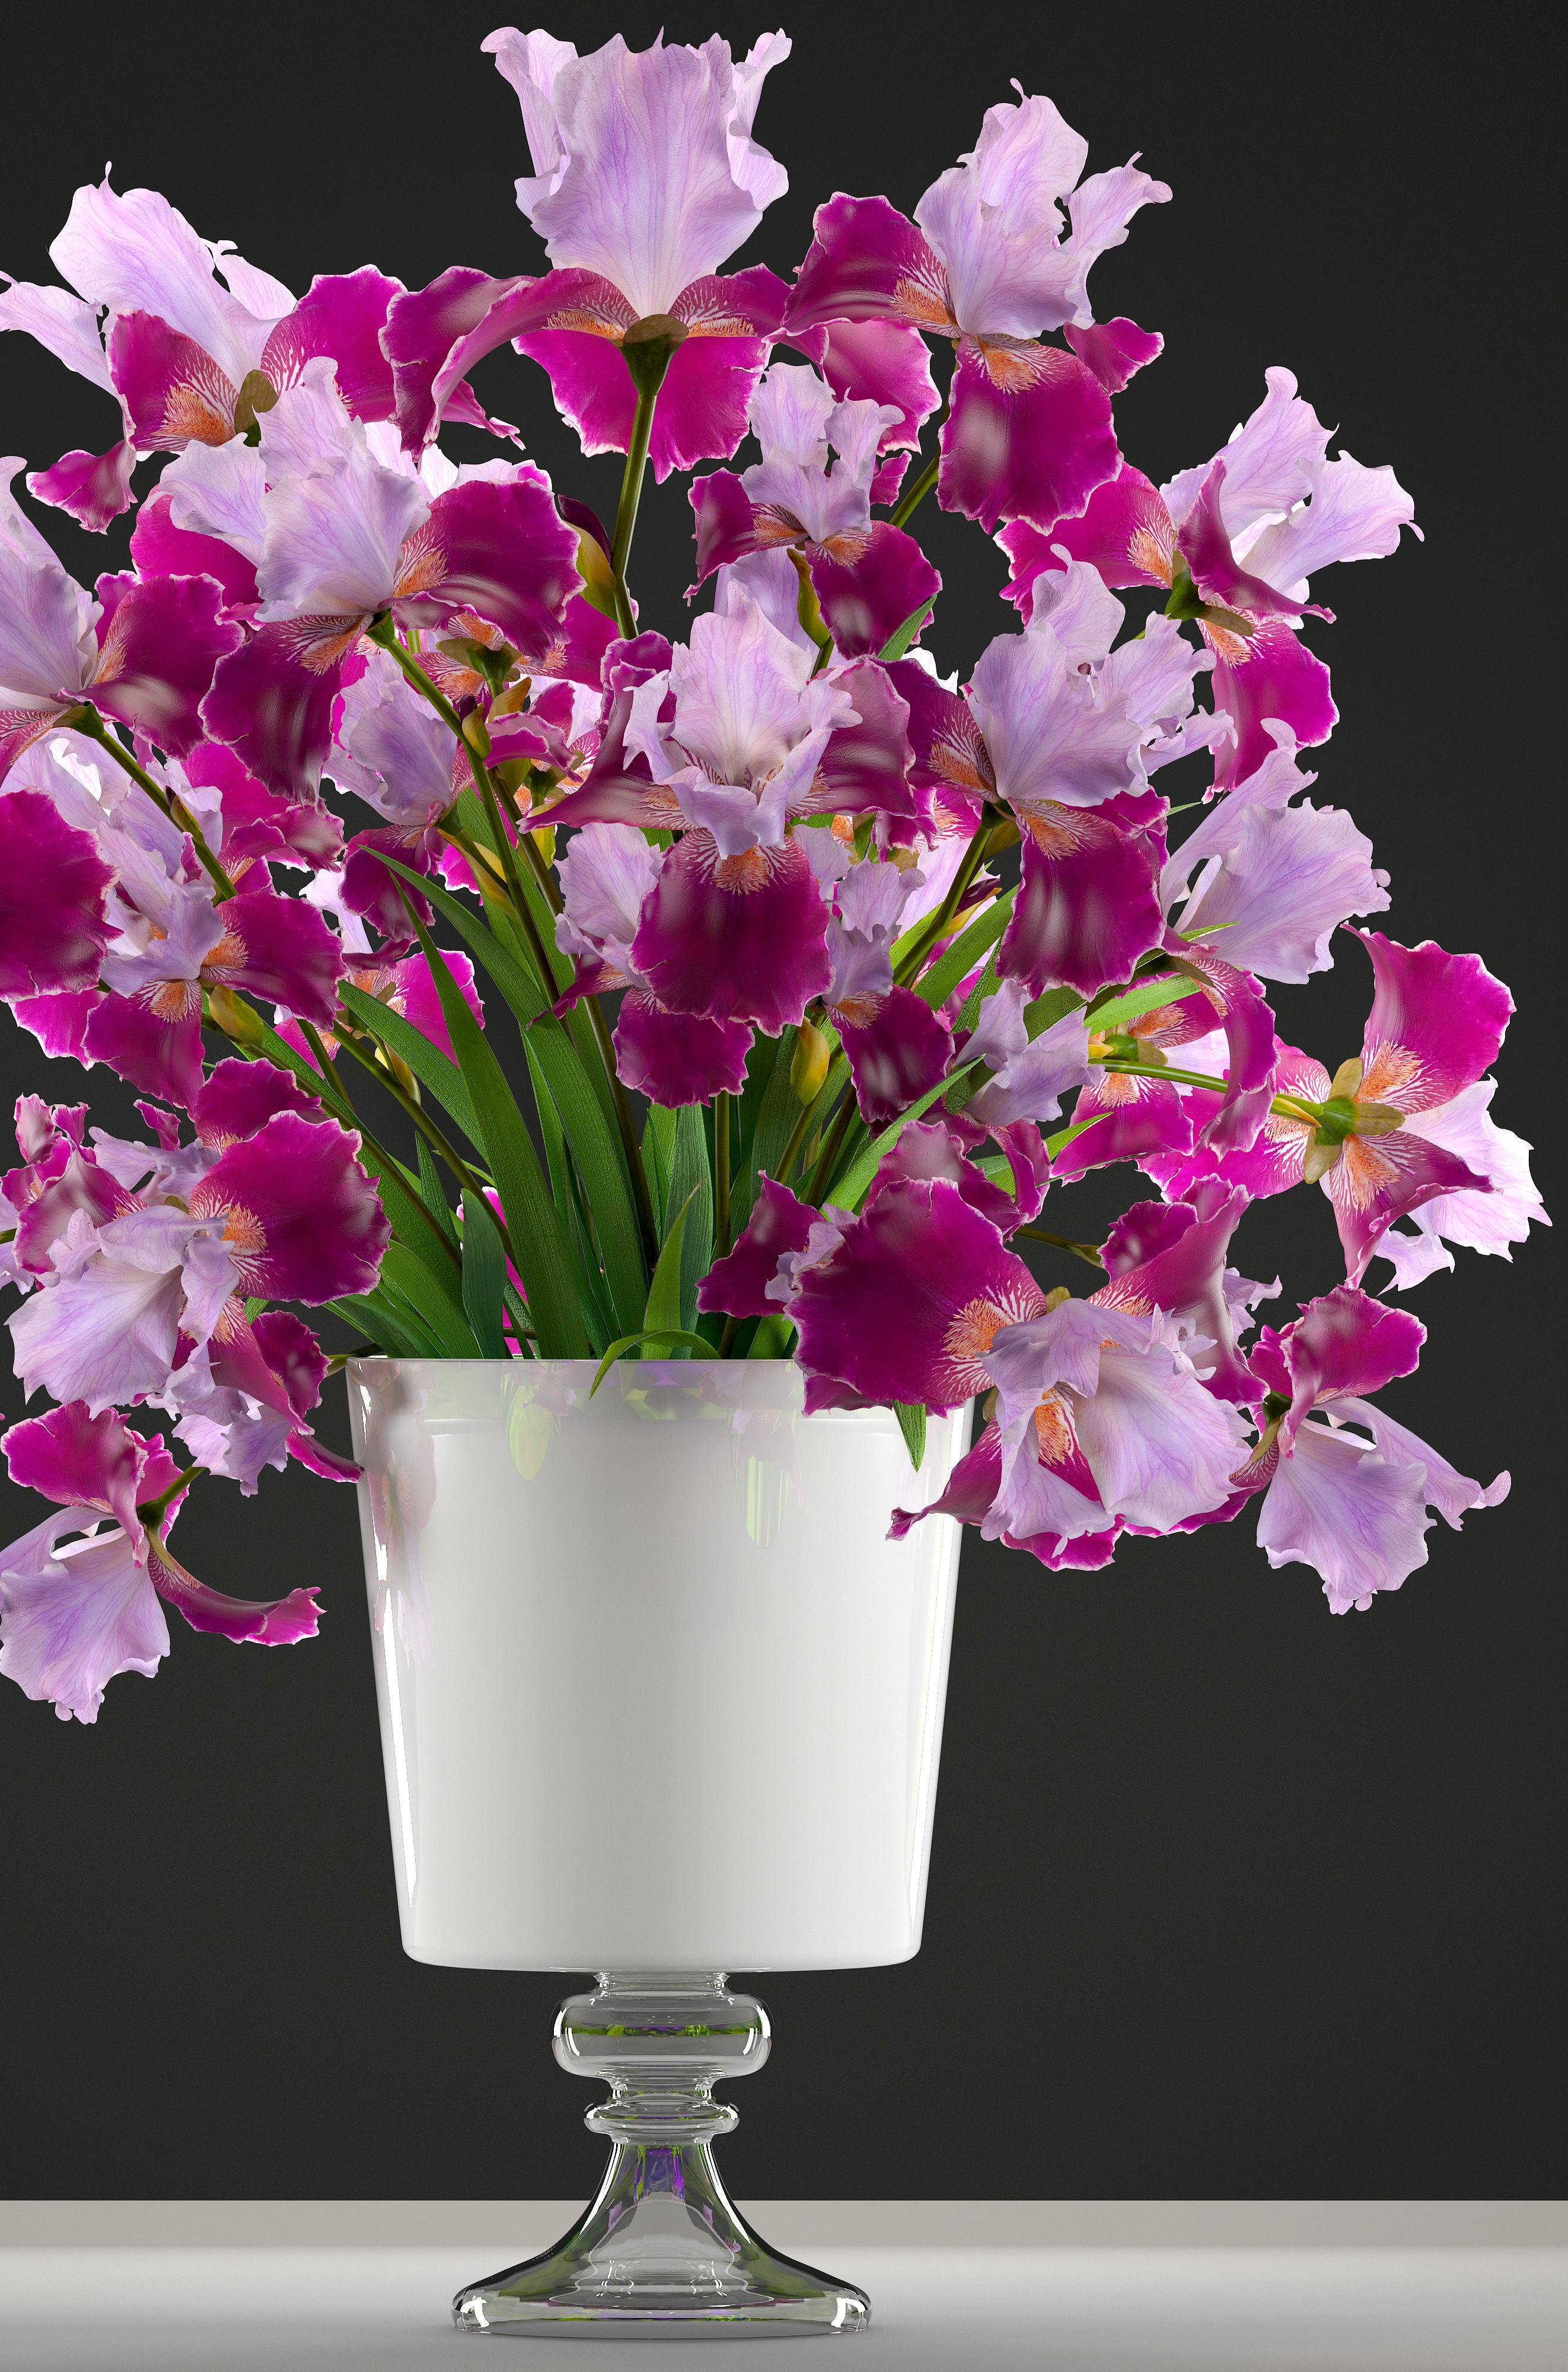 Flower Bouquet Of Iris 3d Model Cgtrader